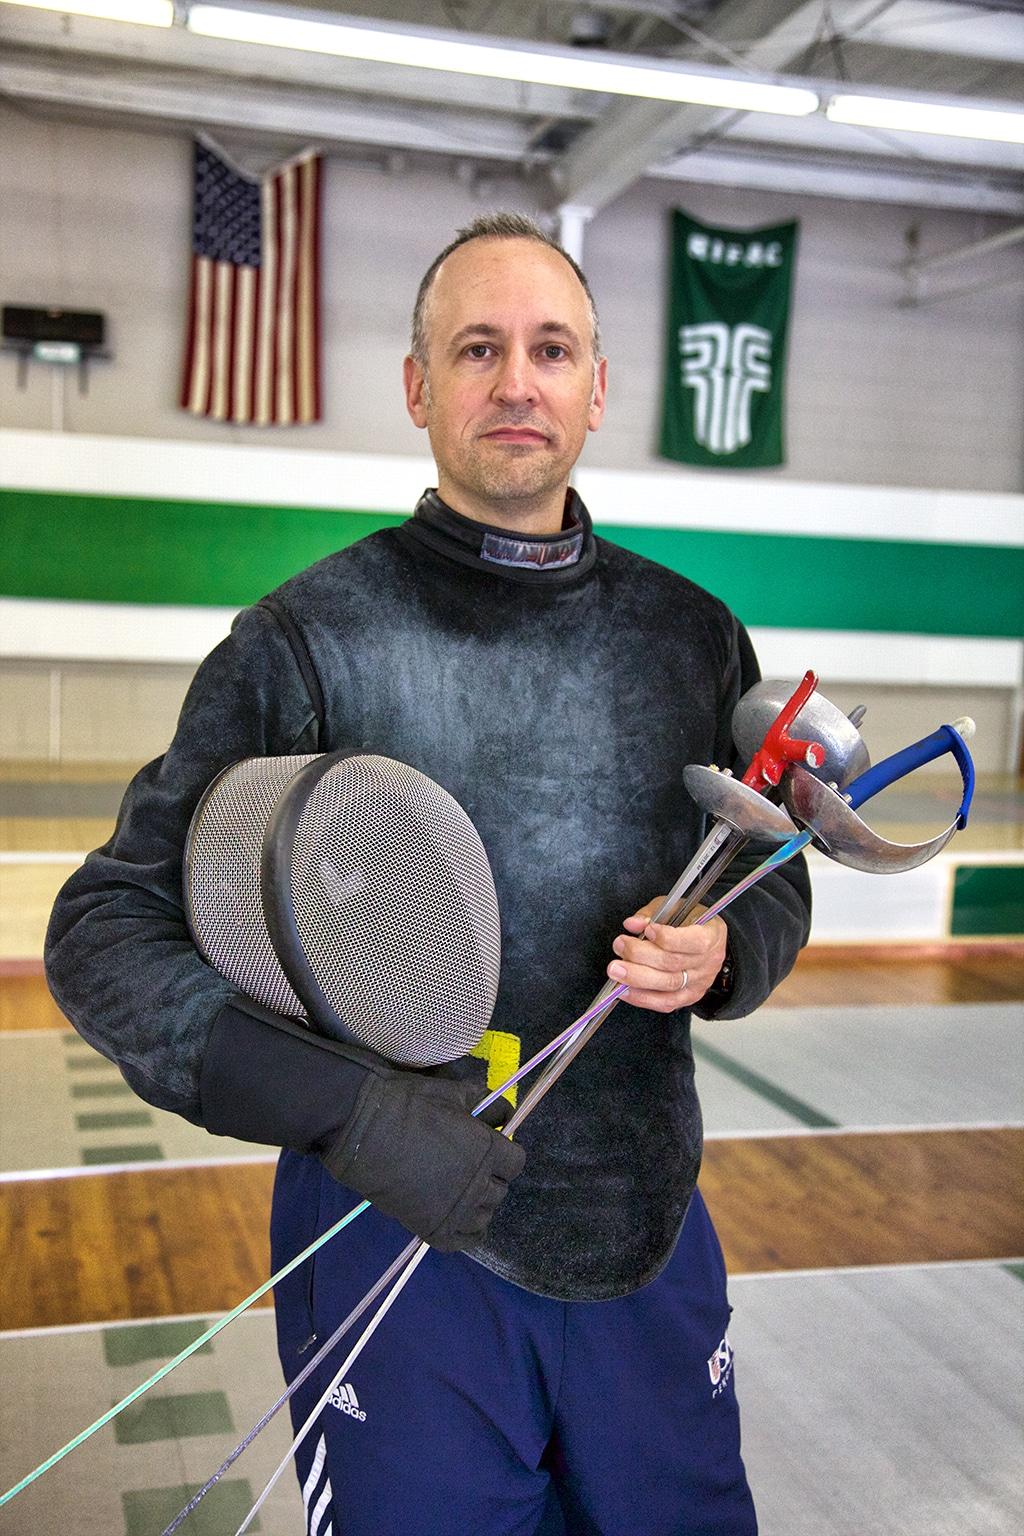 RIFAC Coach Alex Ripa